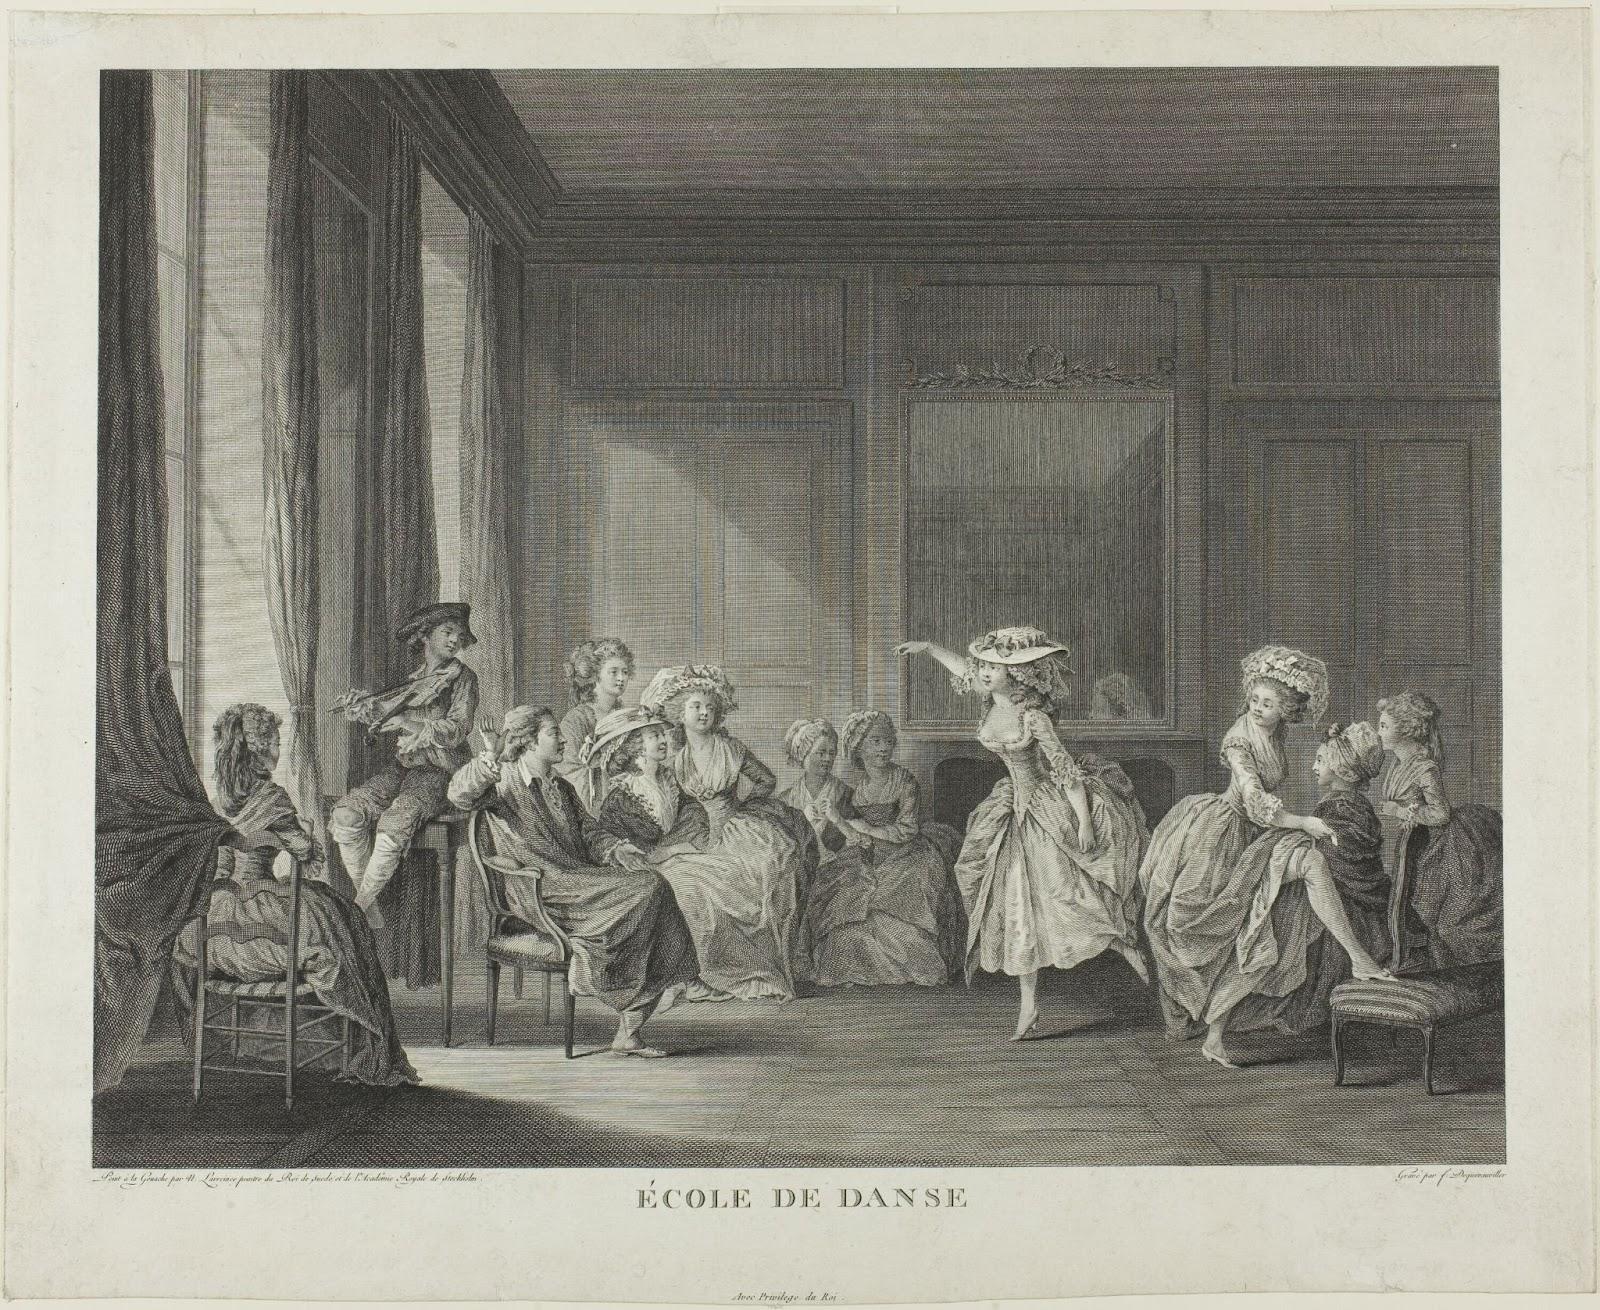 Renaissance art of a dance school.